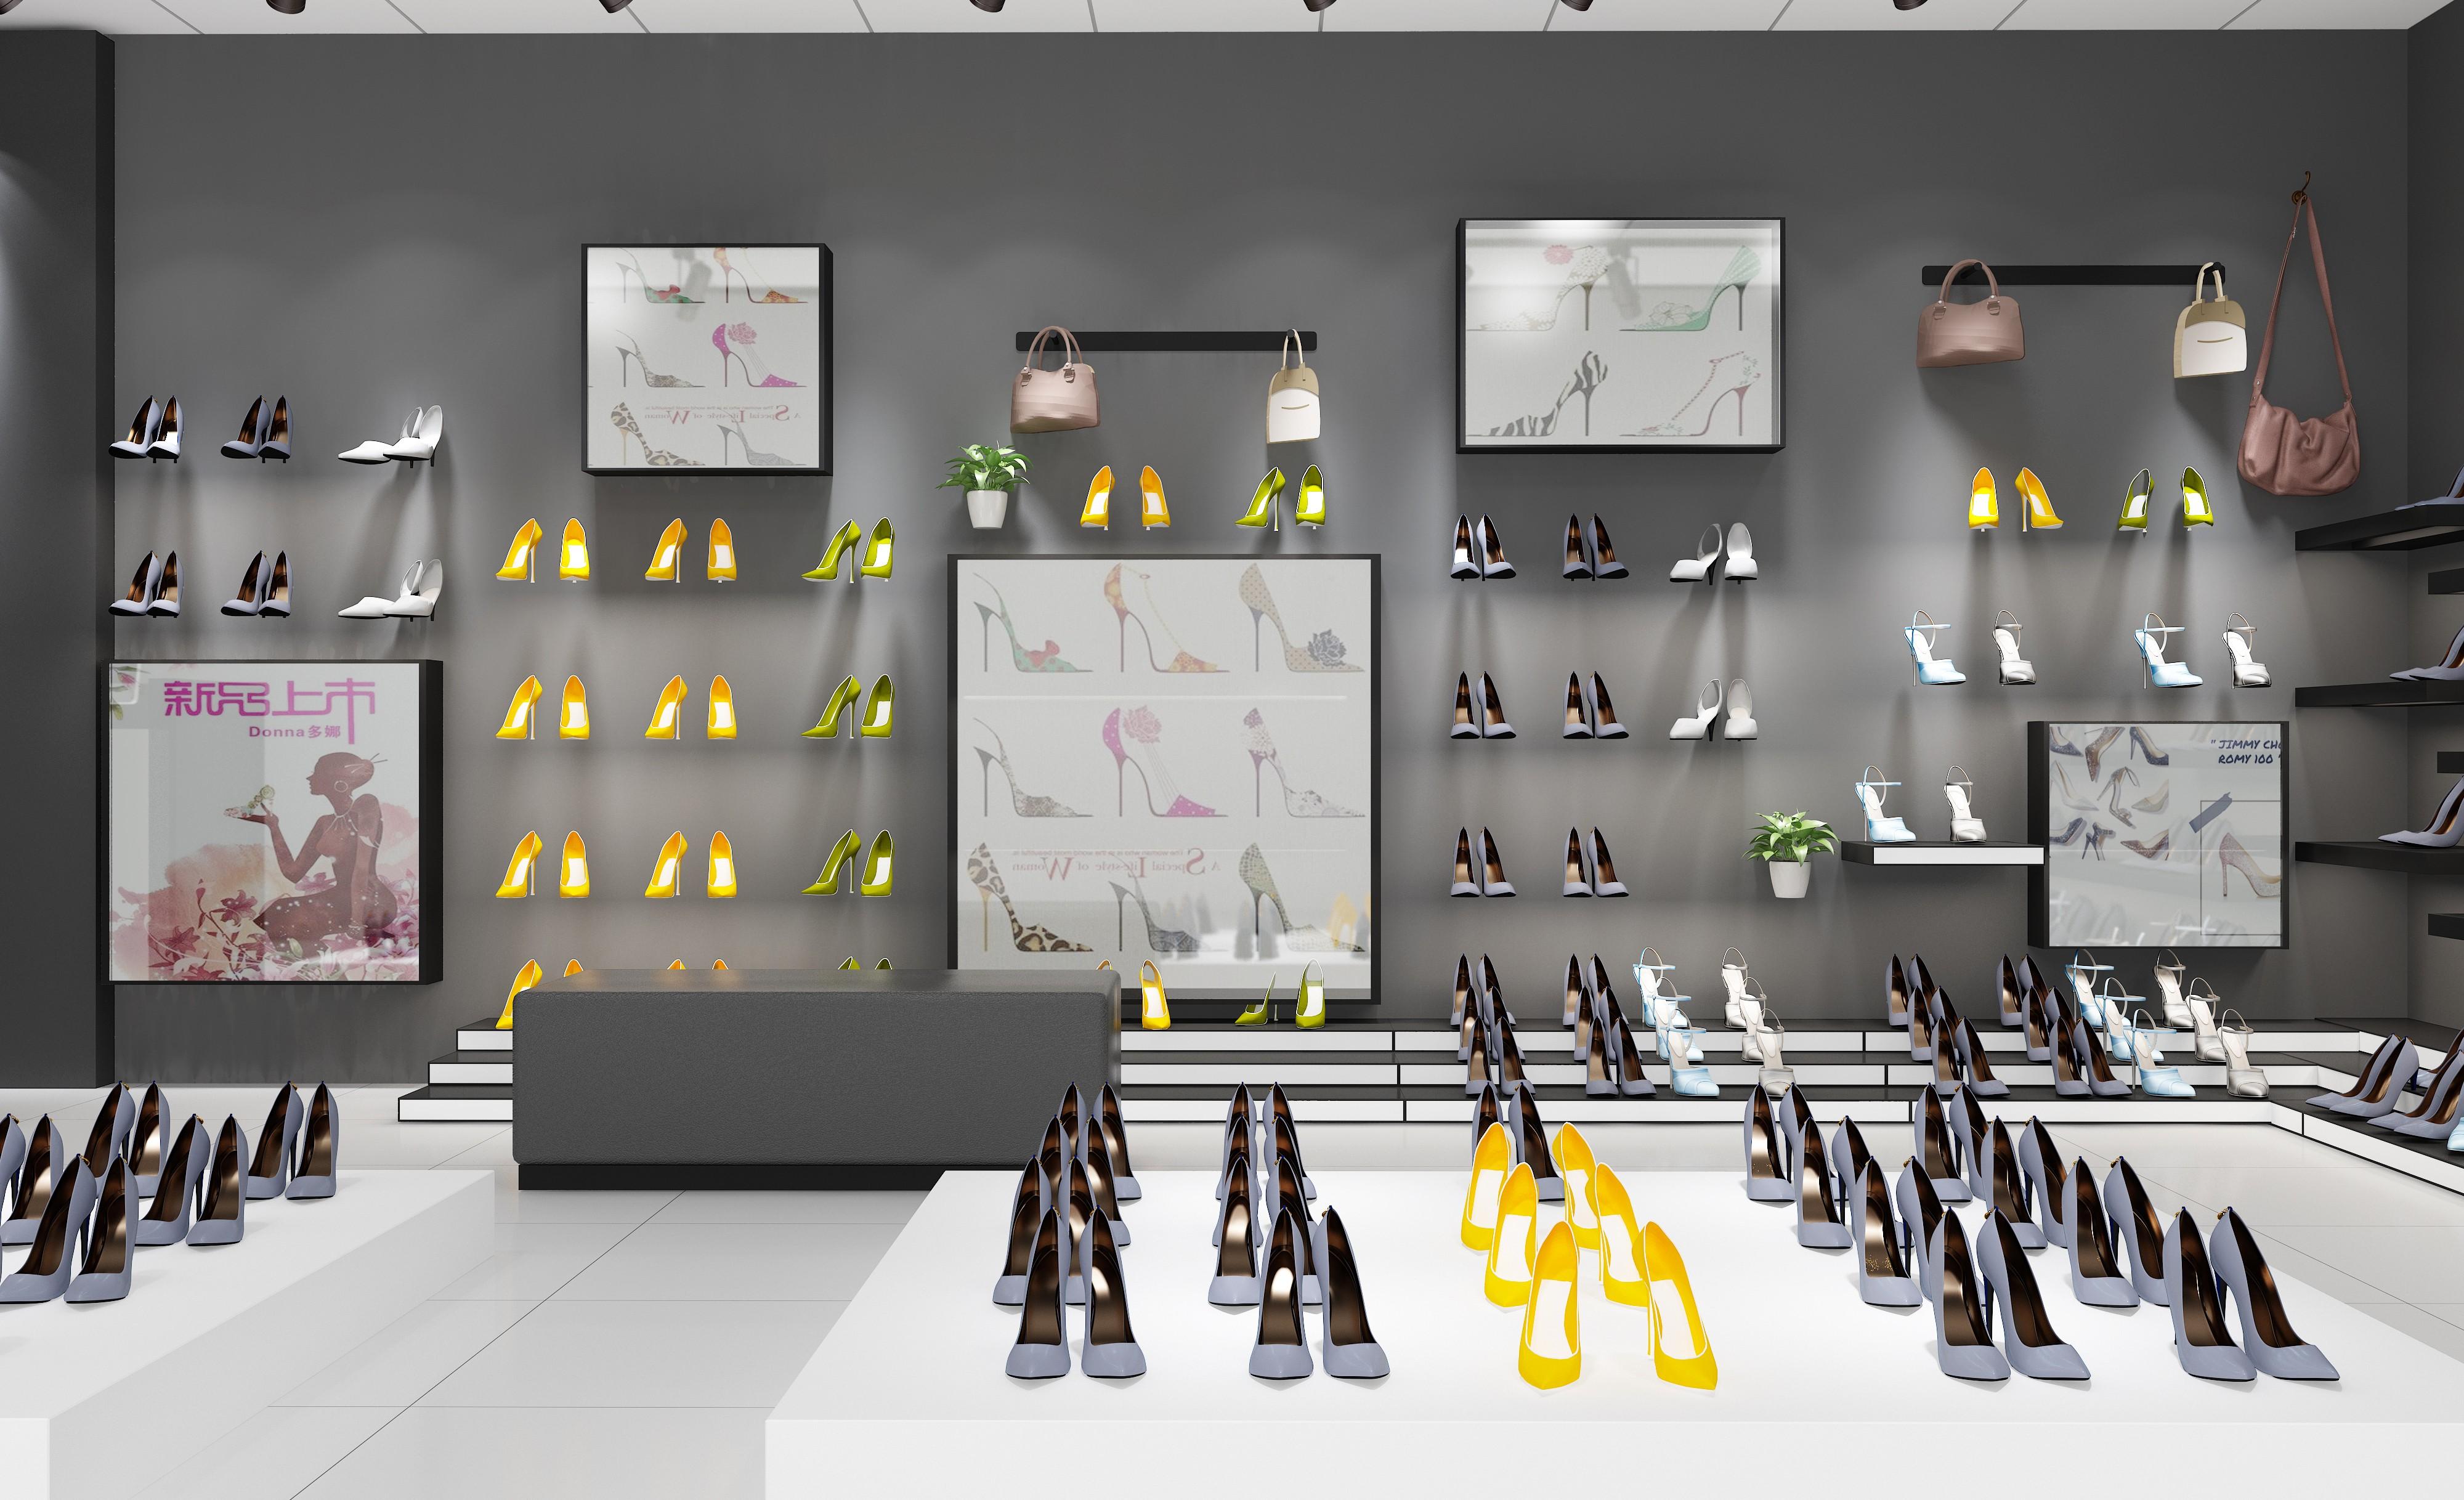 鞋子展示架